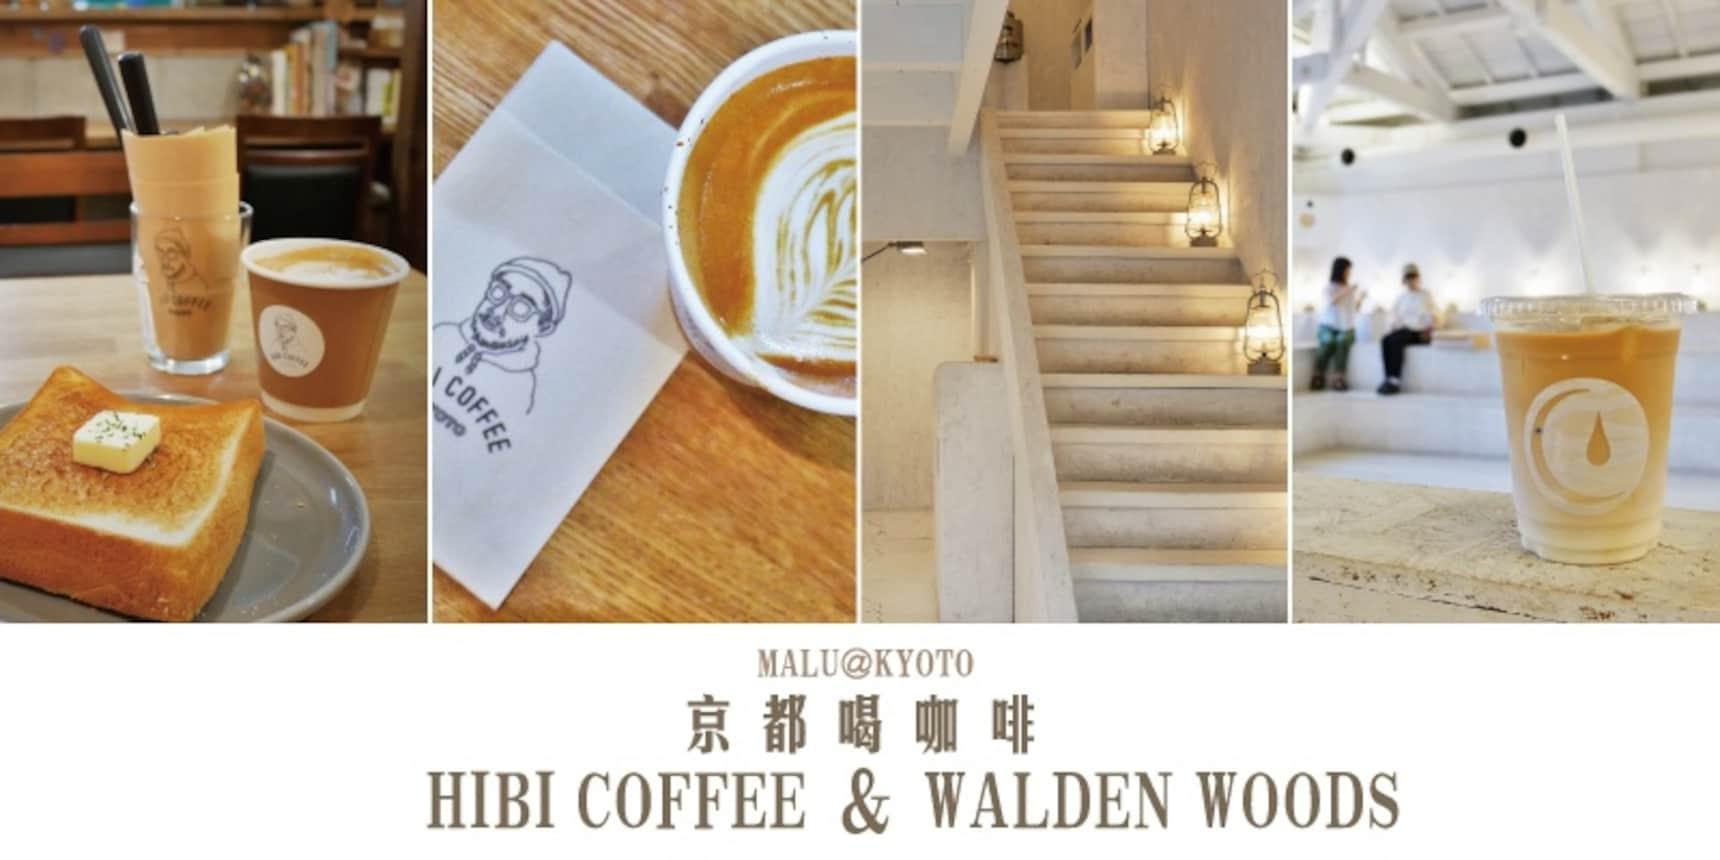 【京都咖啡】結合民宿與餐飲的複合式咖啡店HIBI COFFEE和白色網美風WALDEN